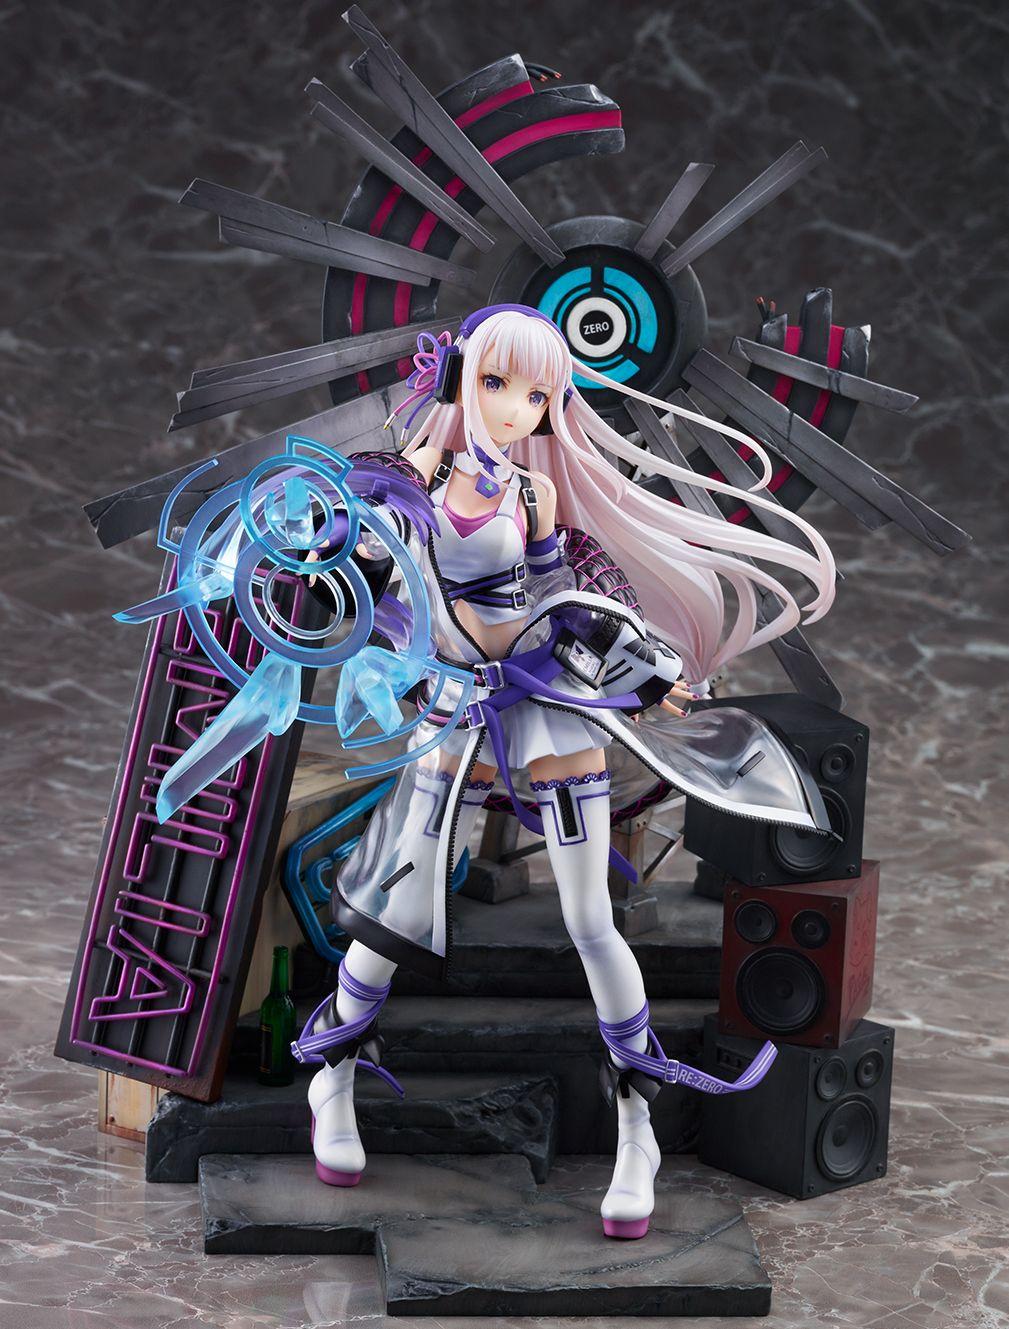 【限定販売】Re:ゼロから始める異世界生活『エミリア -Neon City Ver.-』1/7 完成品フィギュア-002